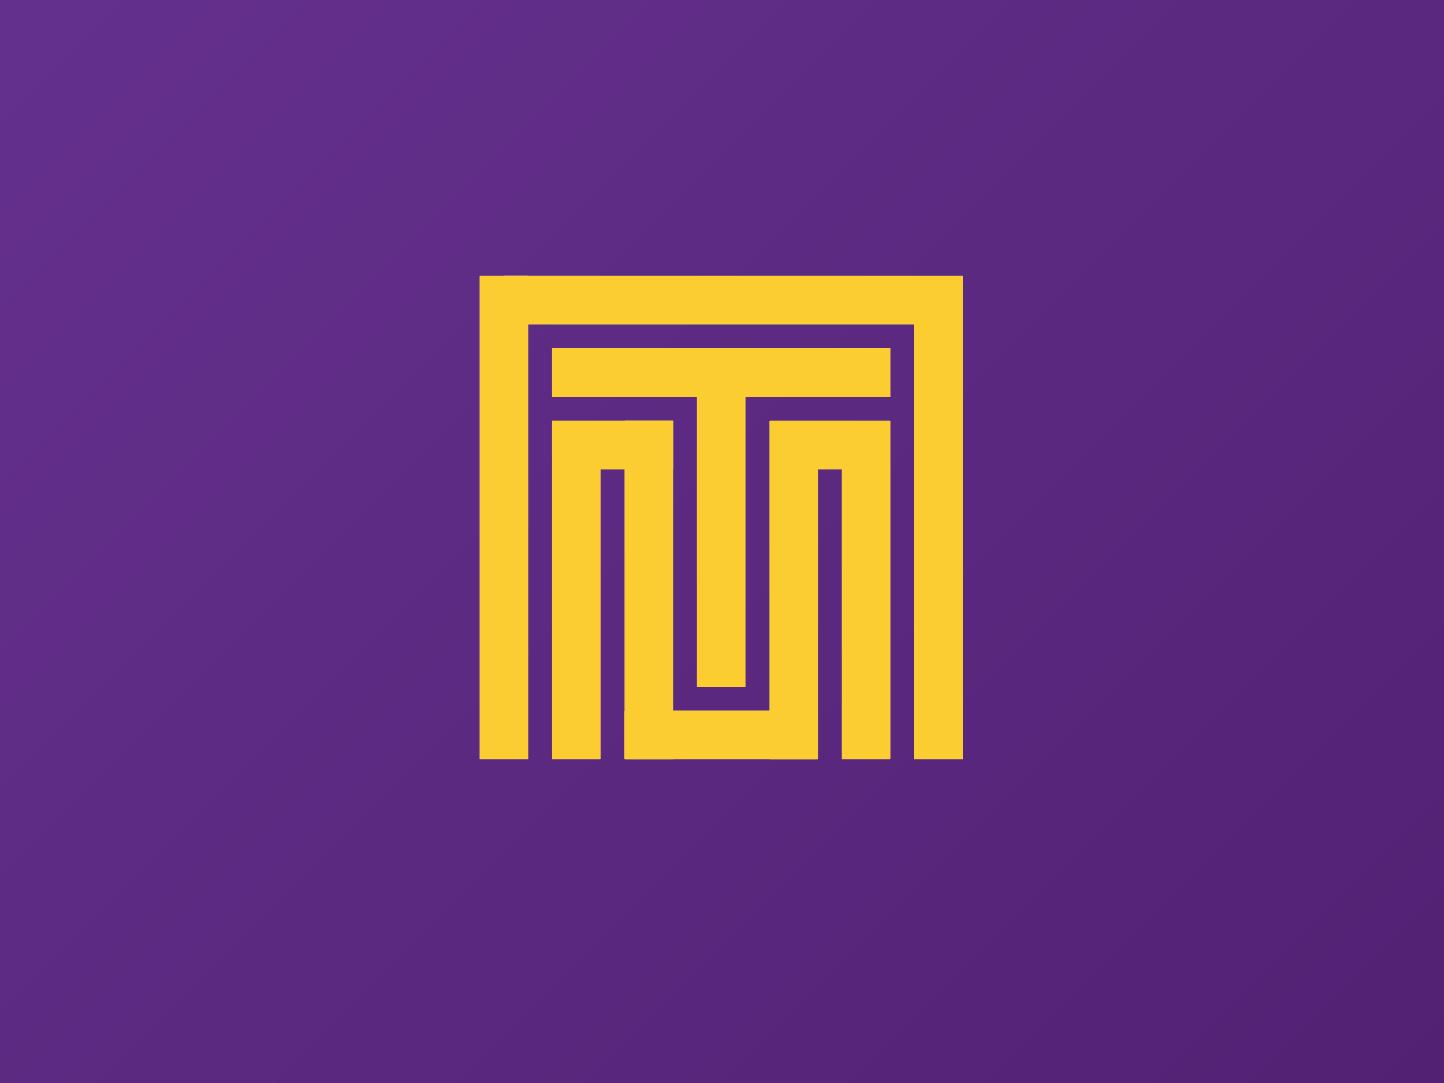 TMA Monogram illustrator initials initials logo logos graphic design monogram